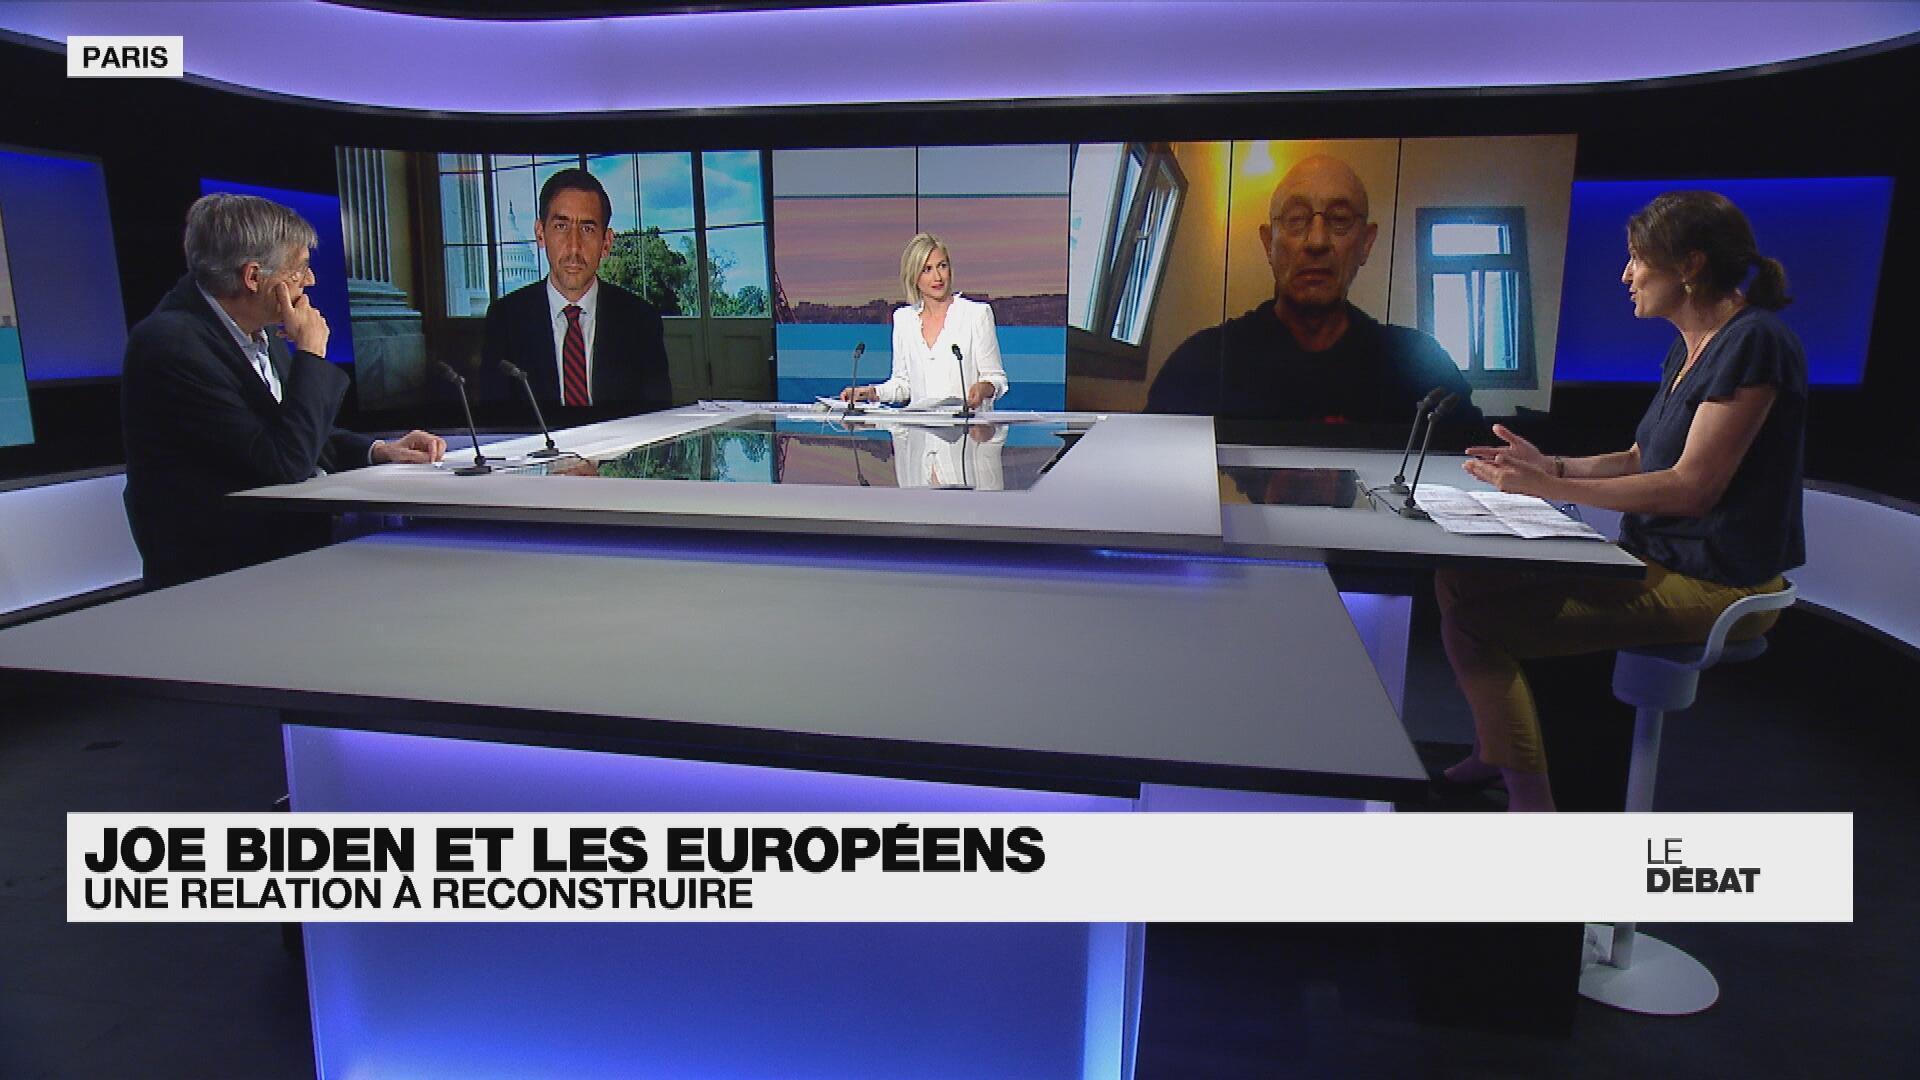 Le Débat de France 24 - mercredi 9 juin 2021